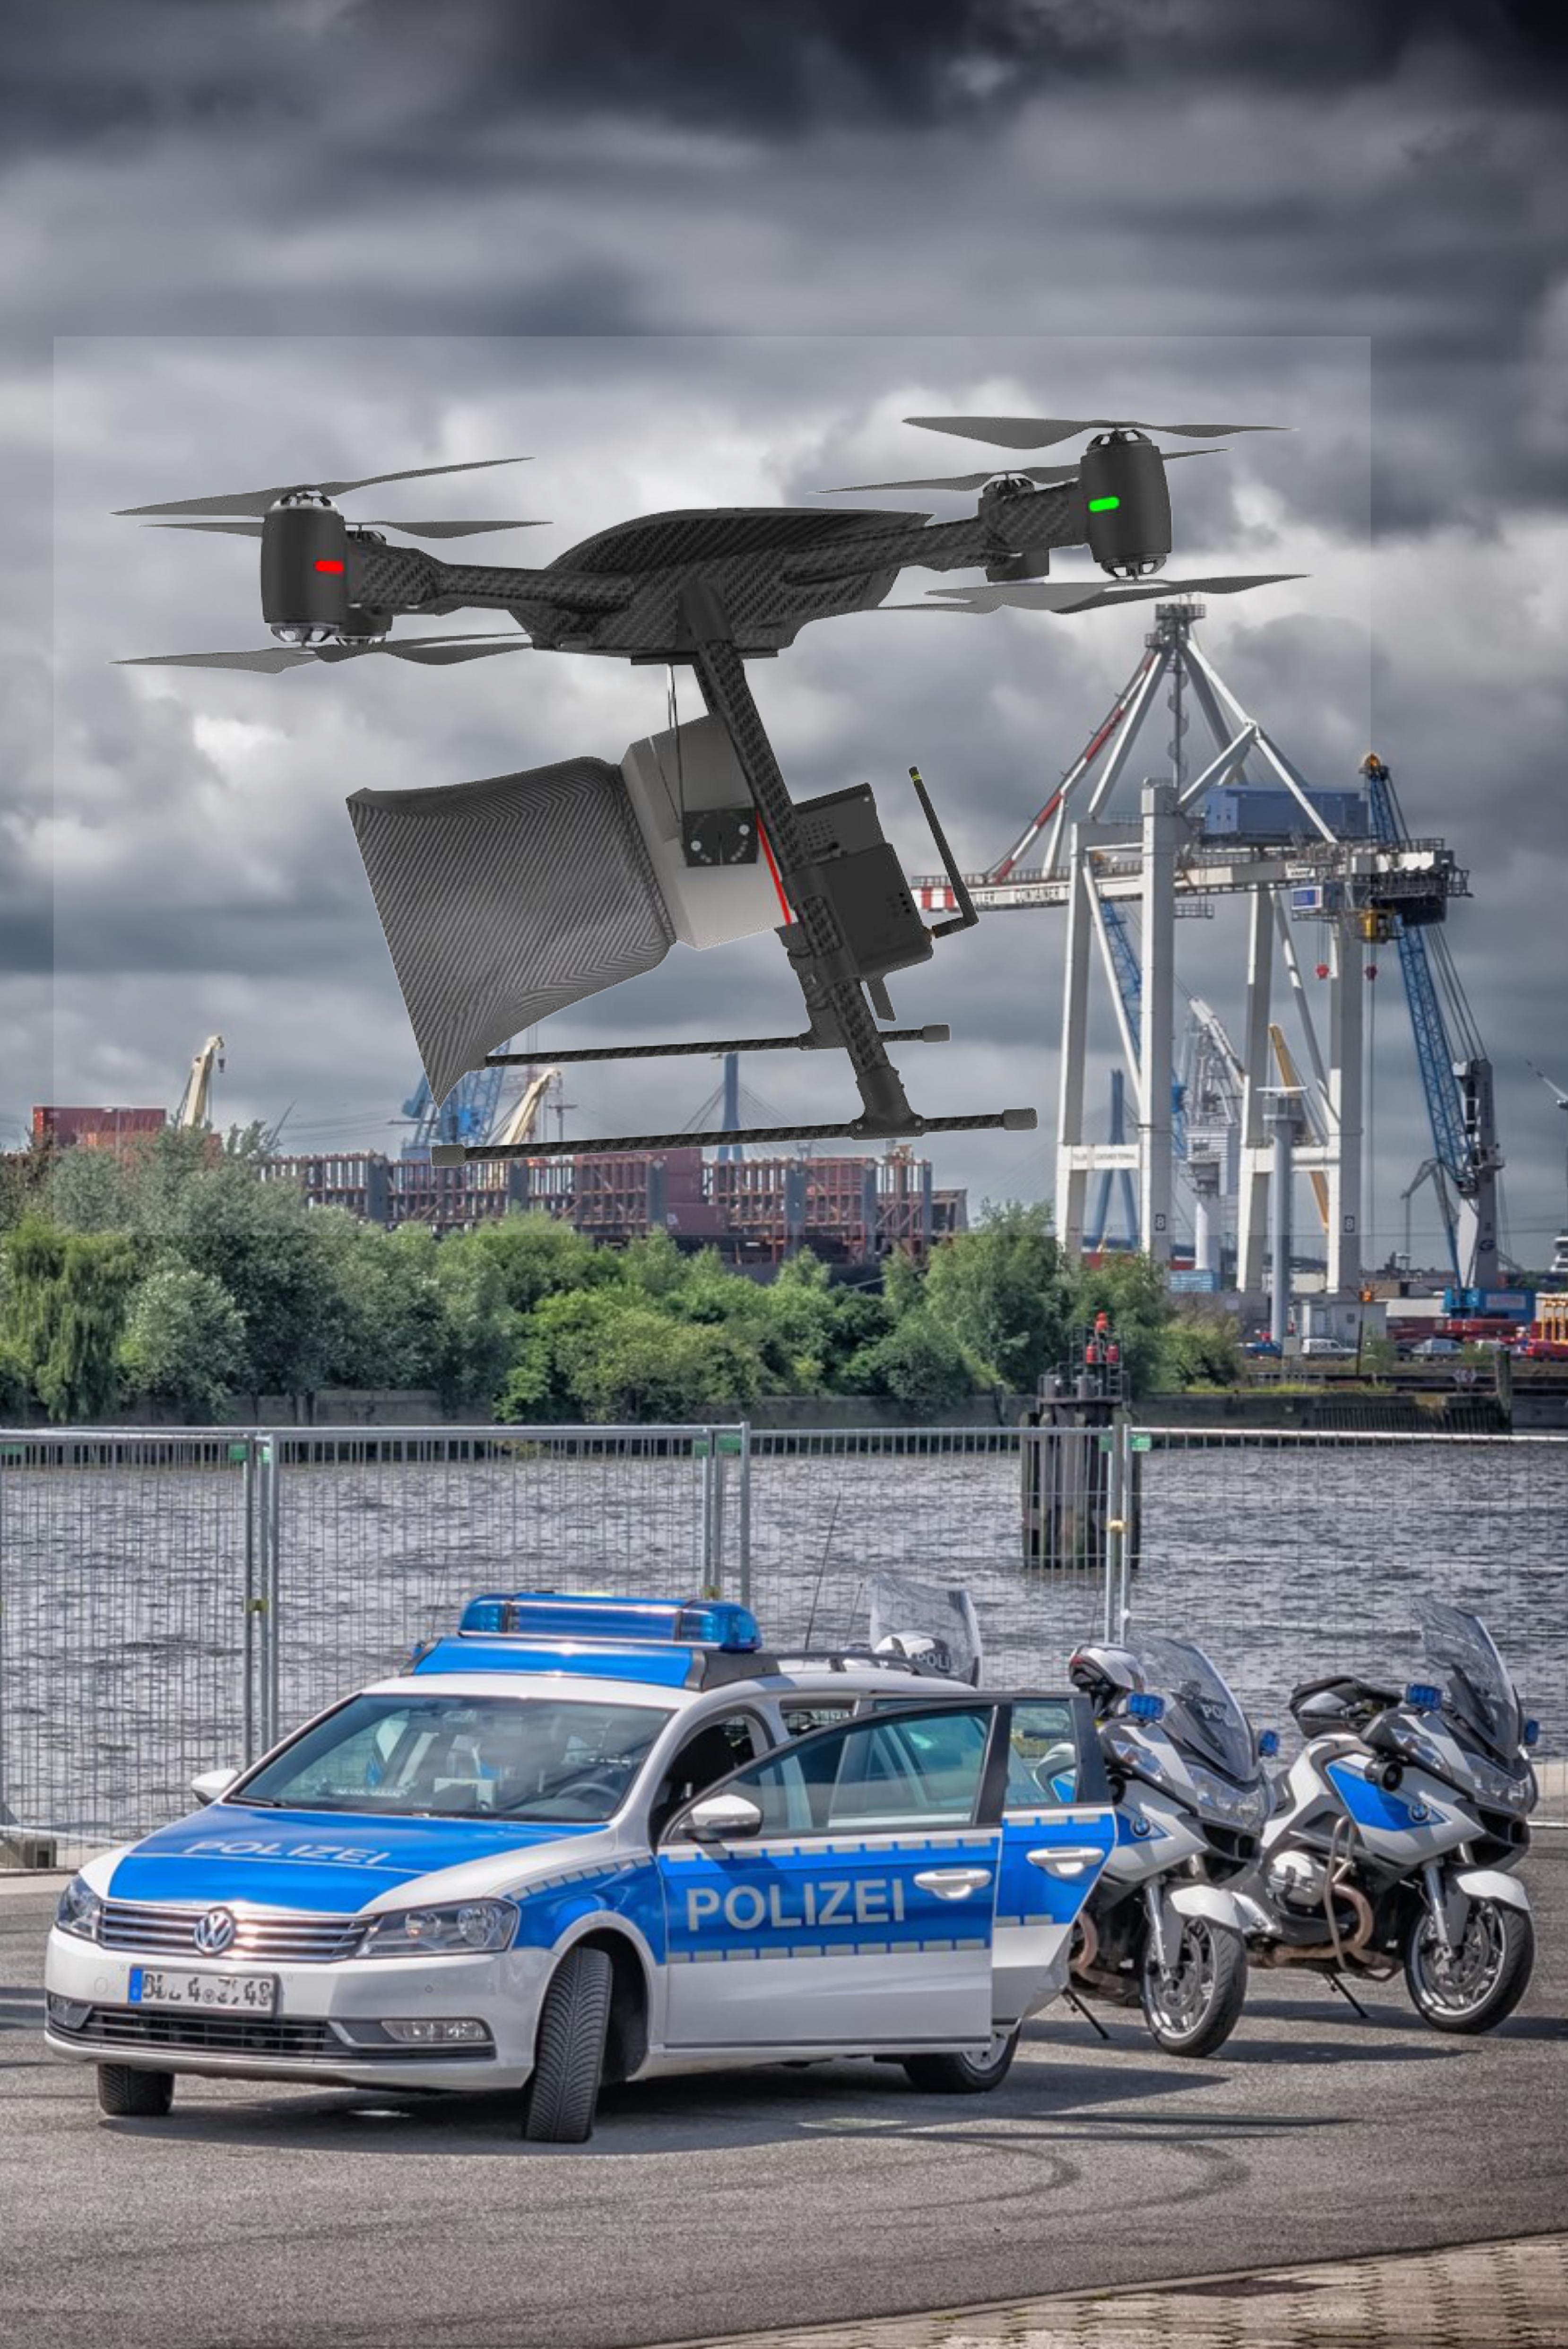 Einsatzszenario Drohnenlautsprecher CDL-136 Polizei Hafen